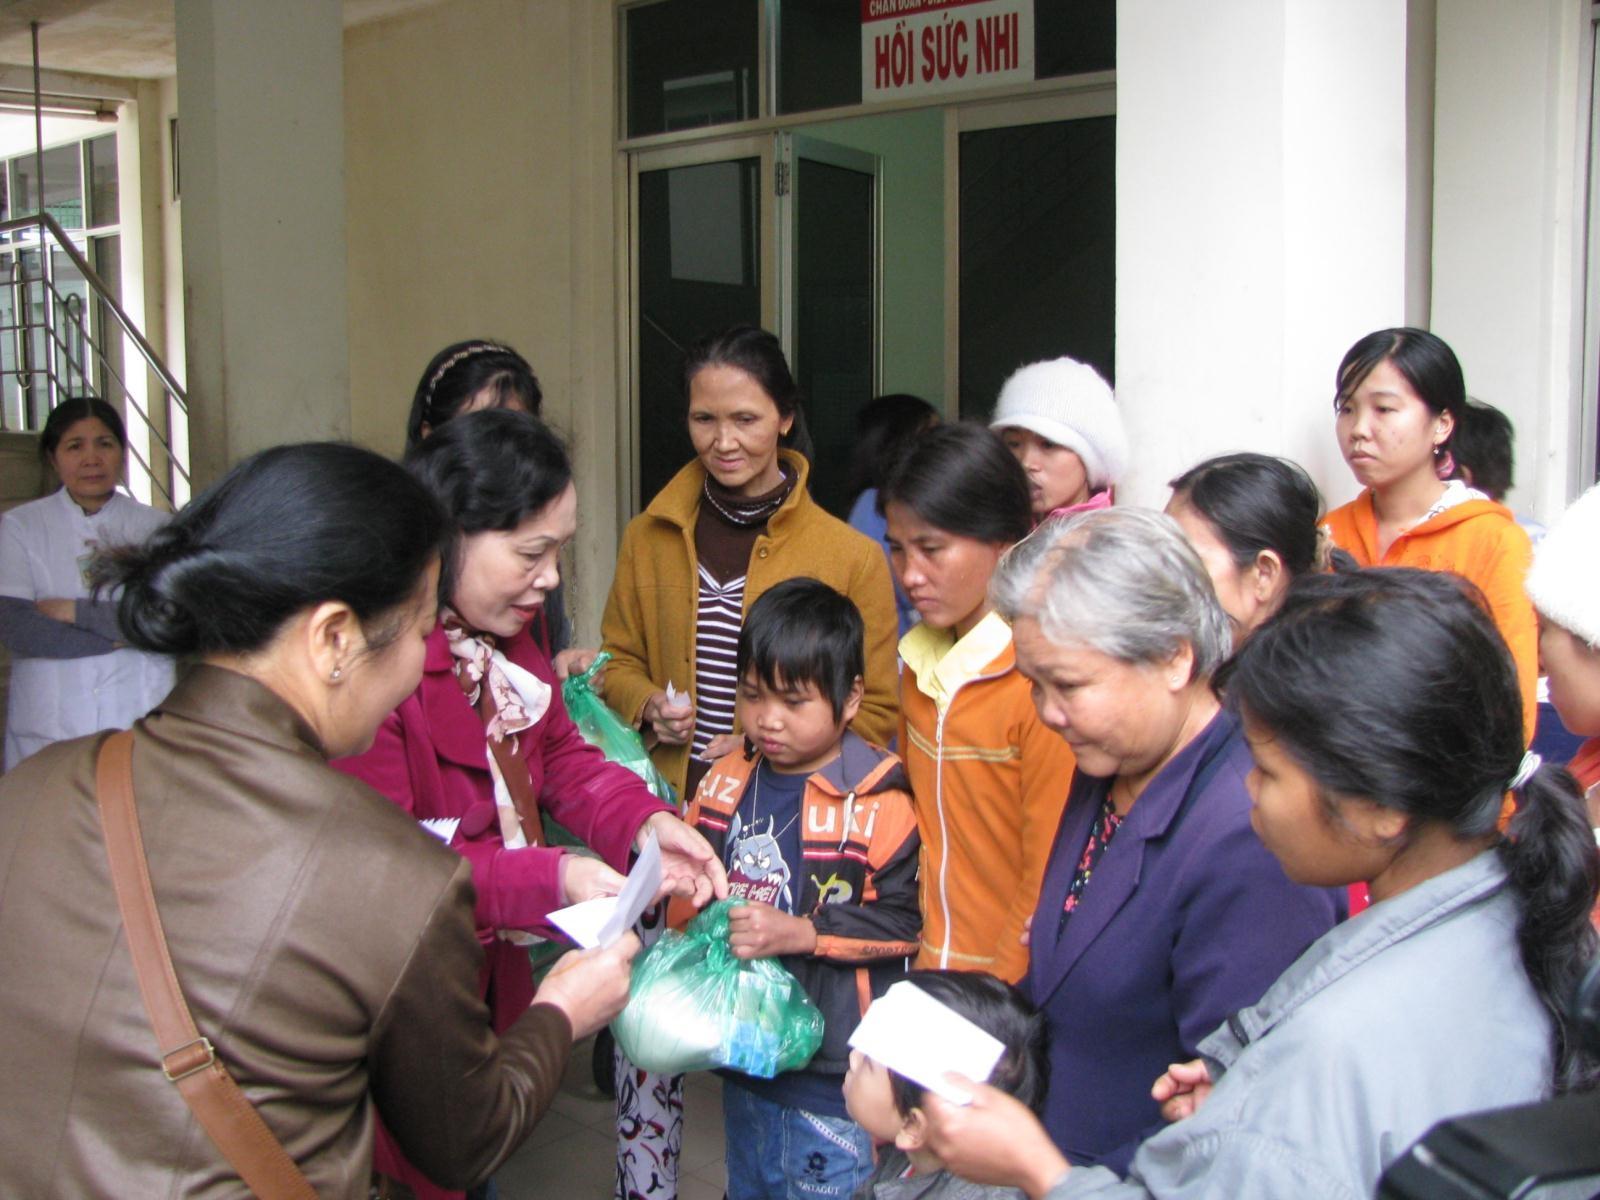 Hàng trăm suất quà Tết trao tay, chia sẻ với bệnh nhân nghèo - 1